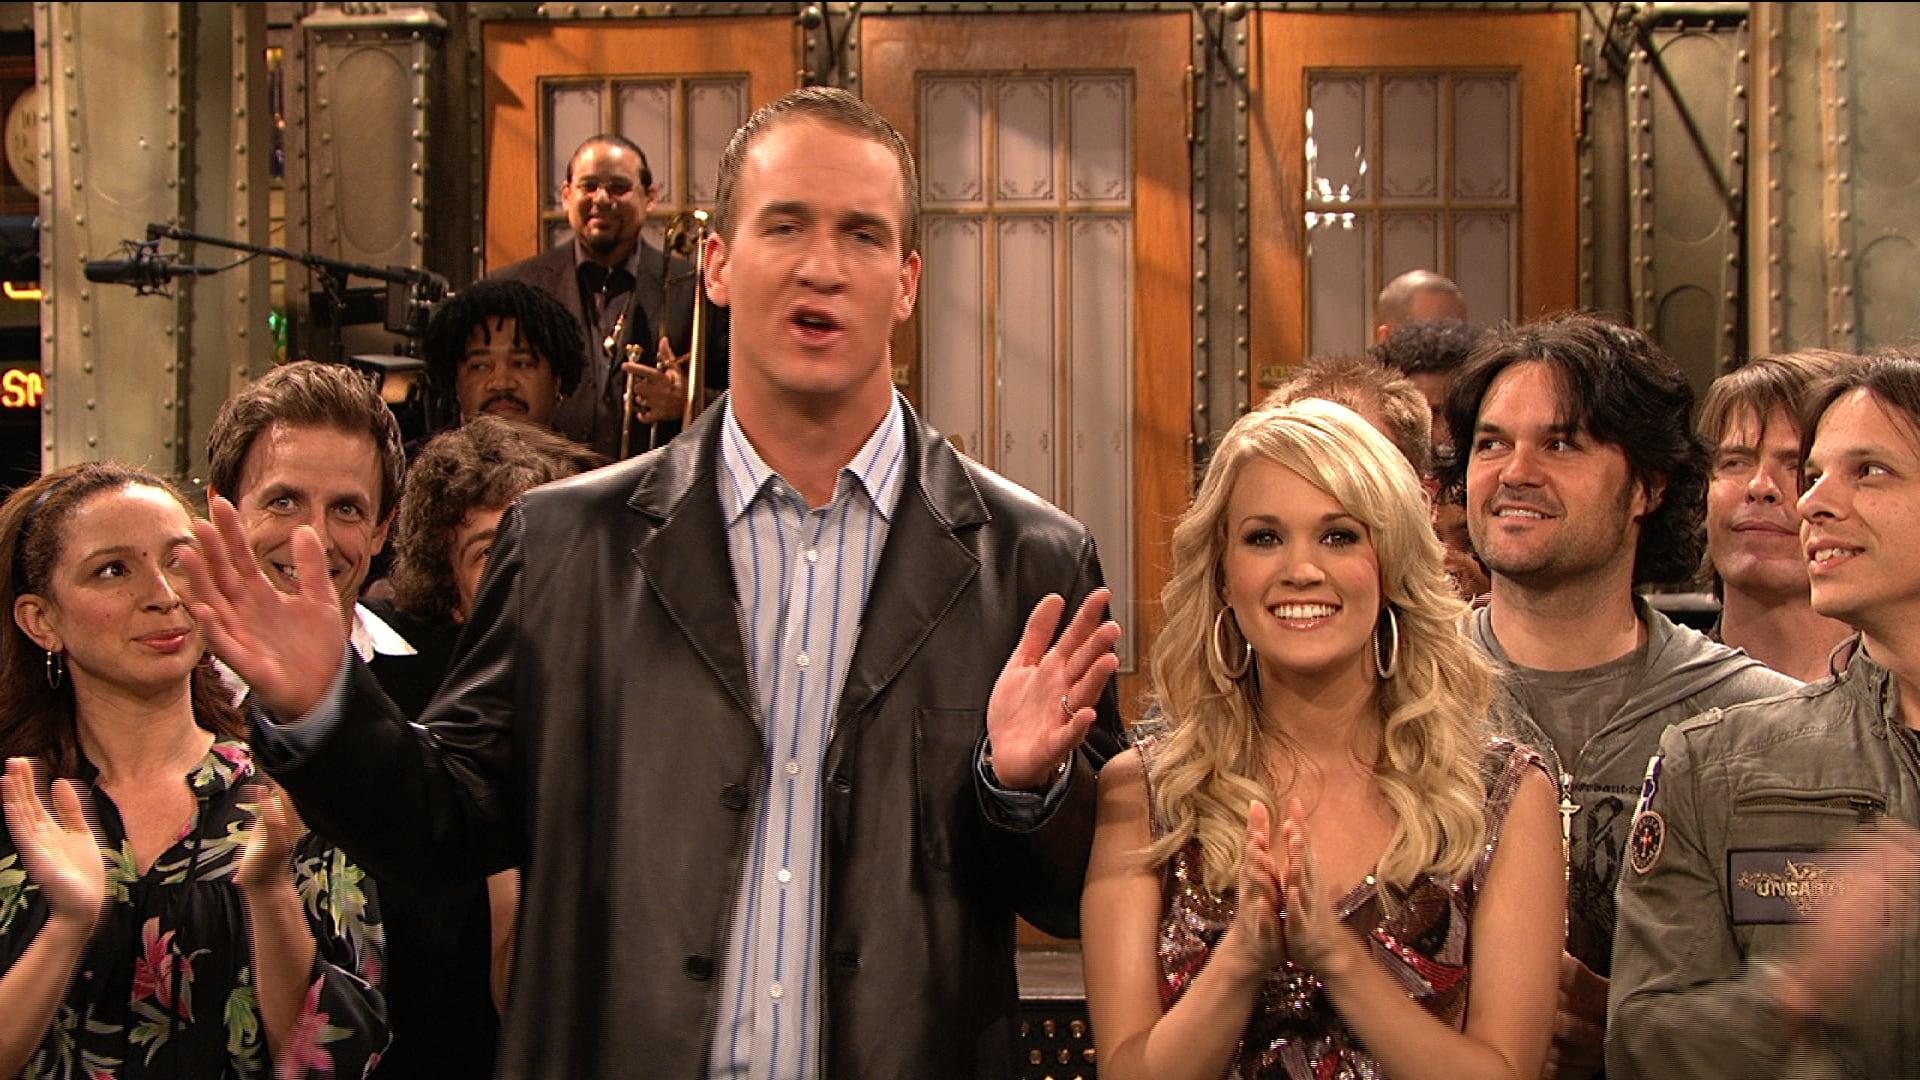 Peyton Manning- March 24, 2007